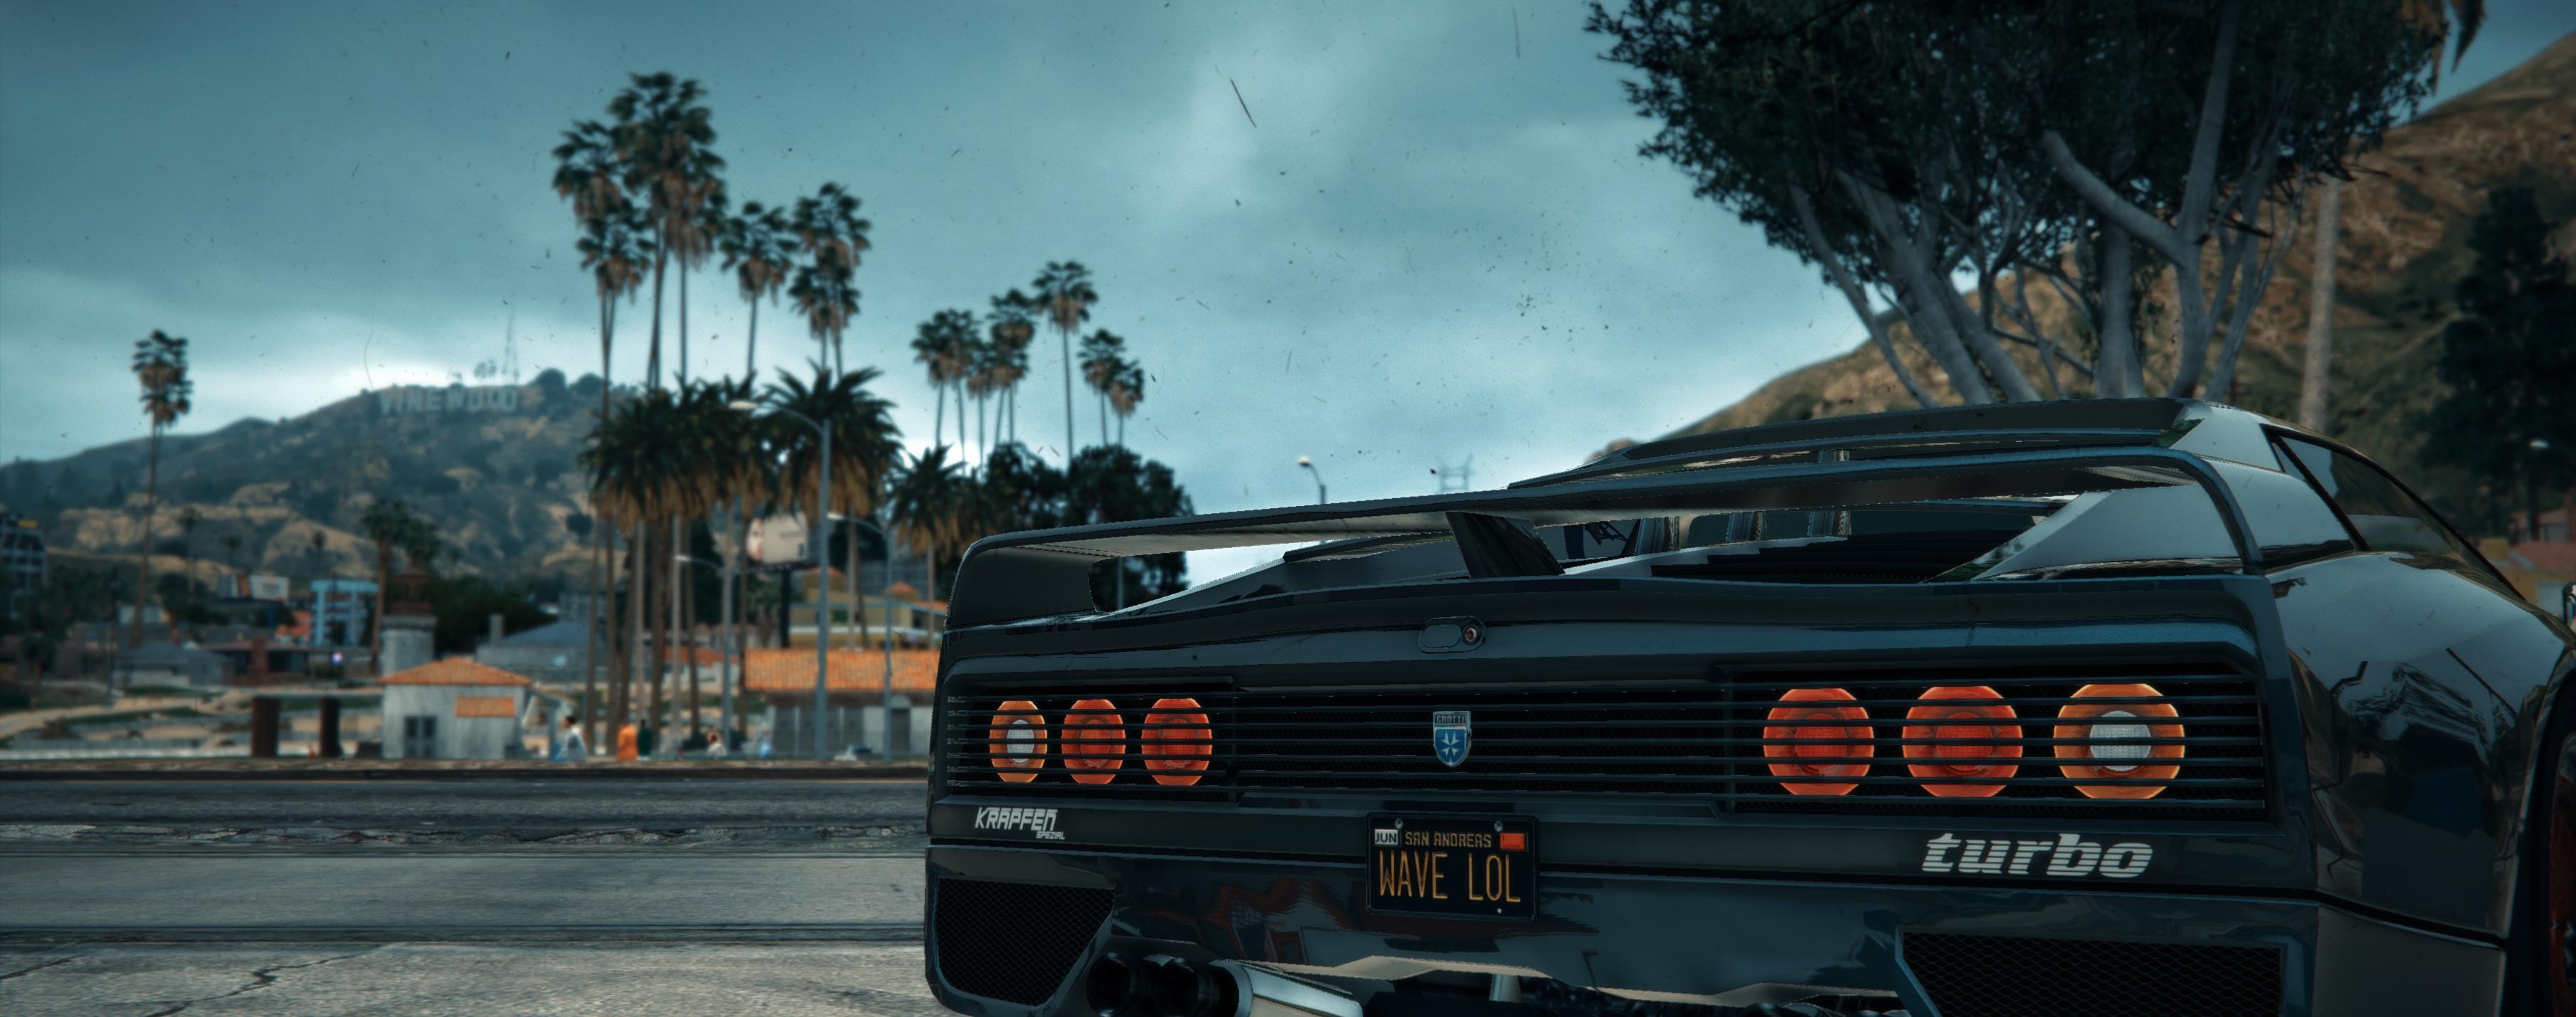 Grand_Theft_Auto_V_Screenshot_2018.11.28